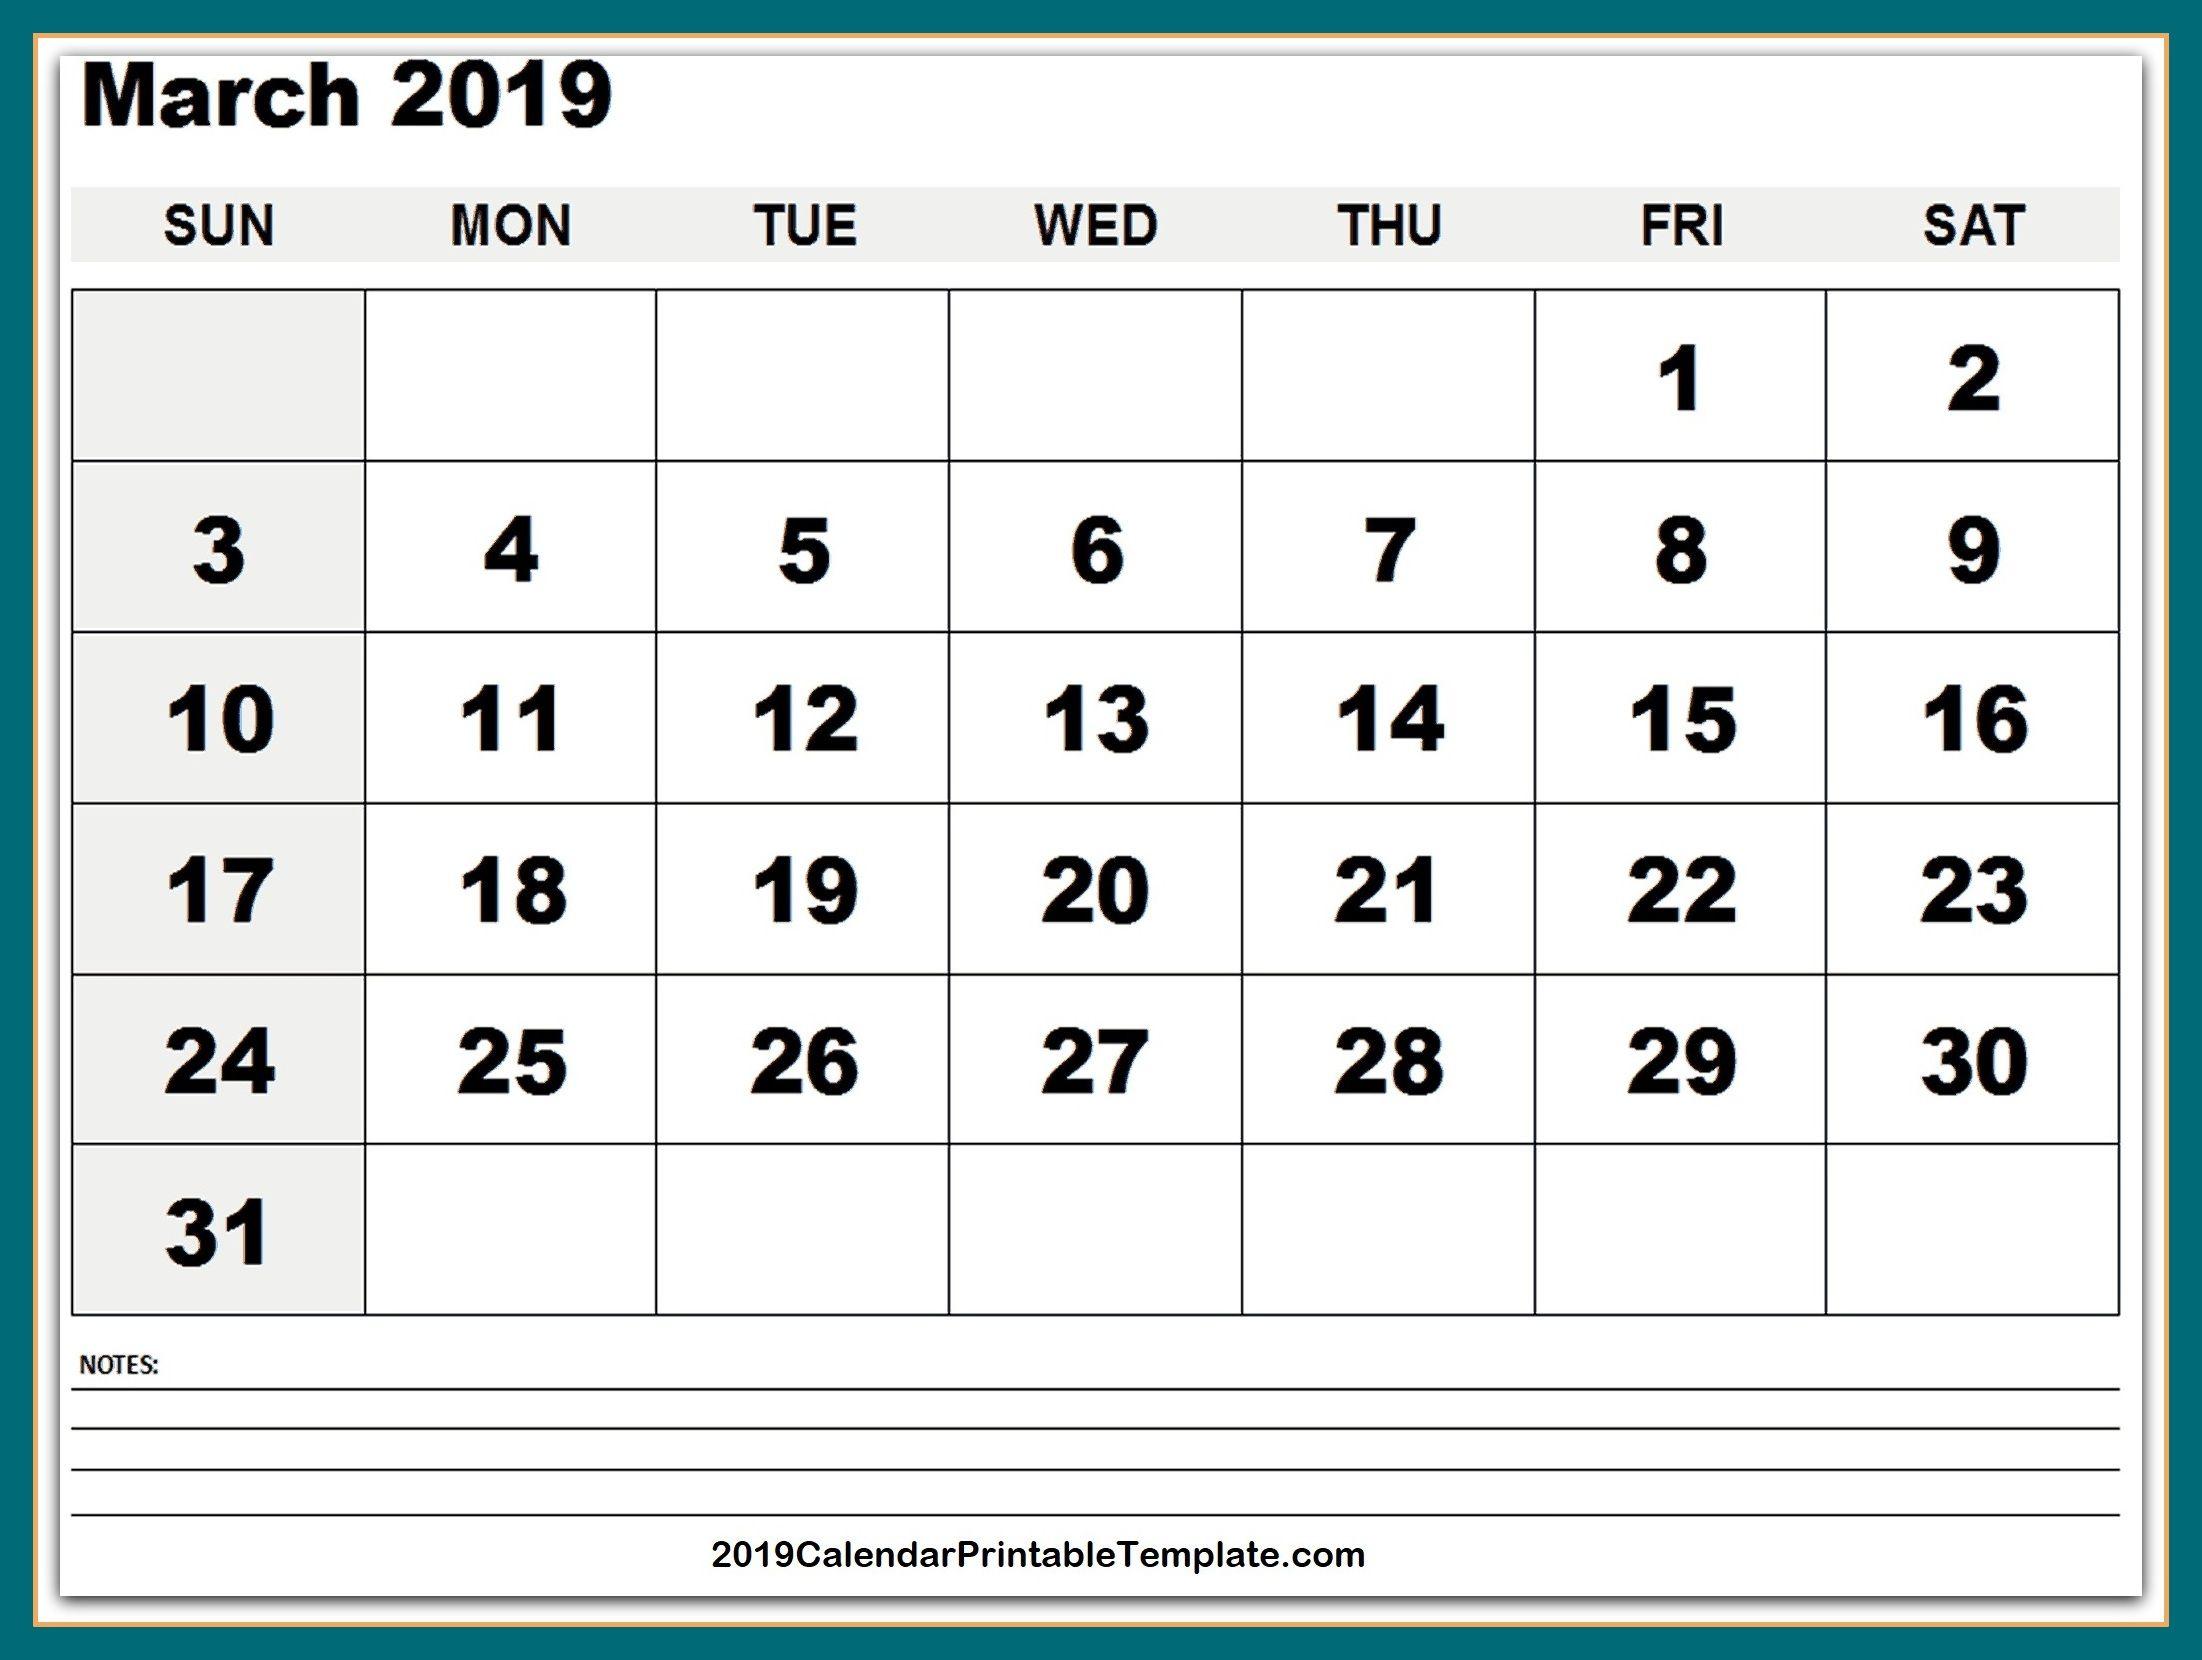 March 2019 Calendar Pdf Https Www 2019calendarprintabletemplate